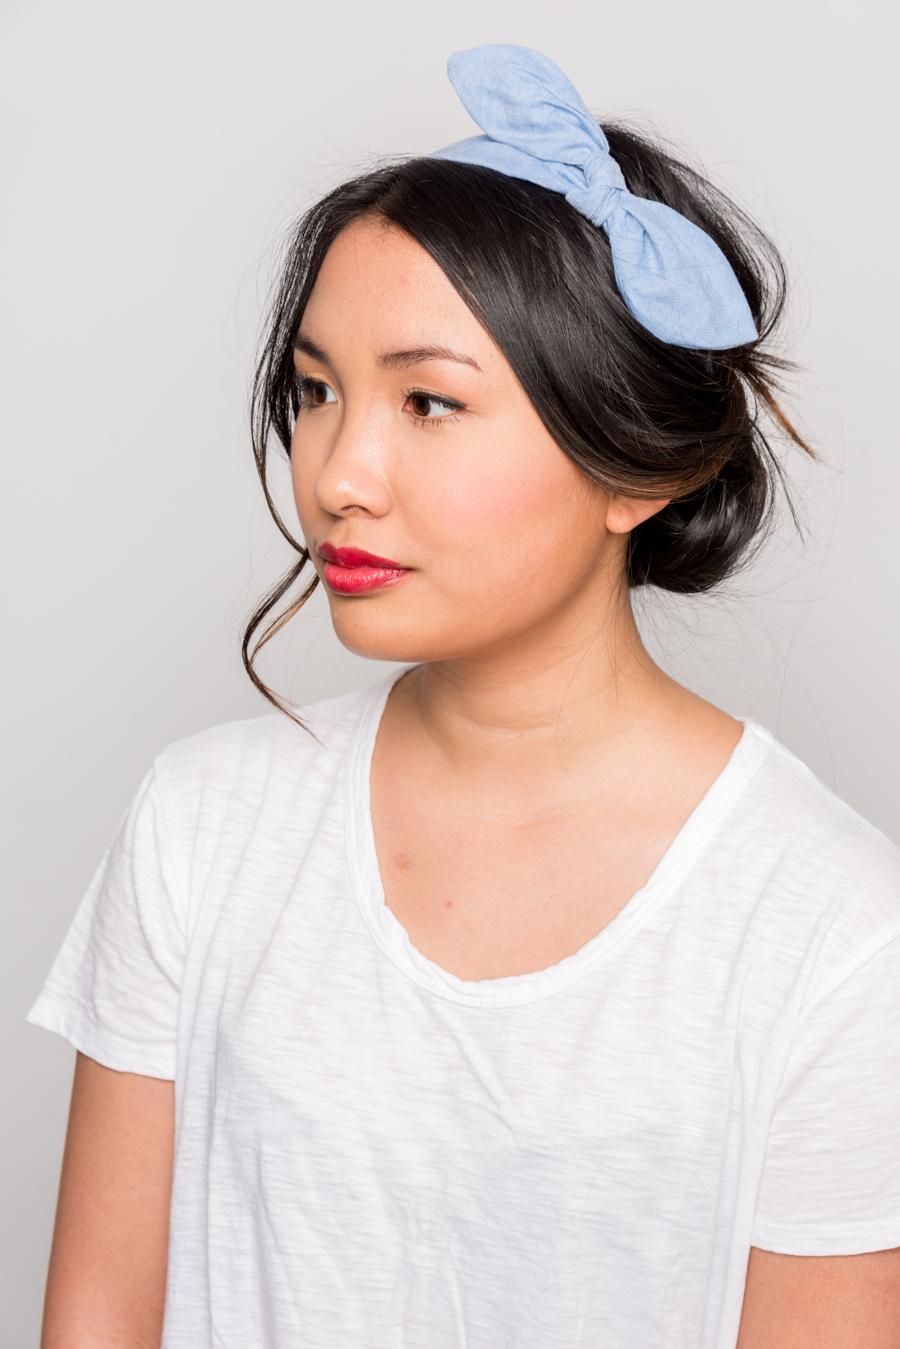 How To Do An Easy Headband Updo 夏にオススメの簡単ヘアアレンジ 13